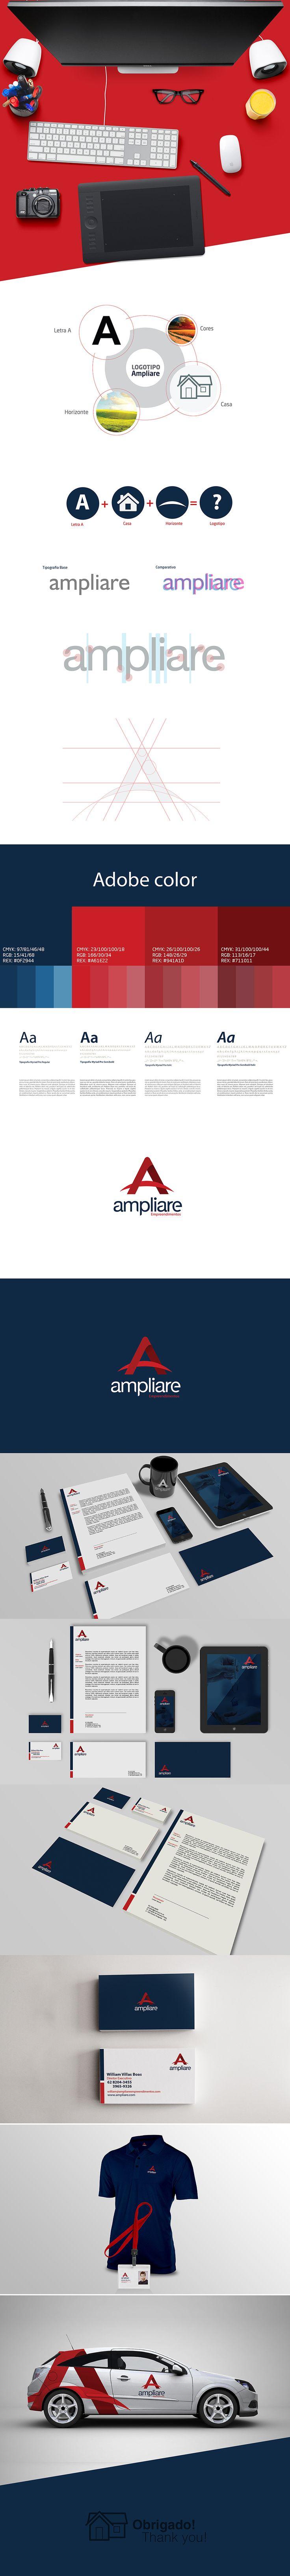 Projeto - Ampliare Empreendimentos on Behance